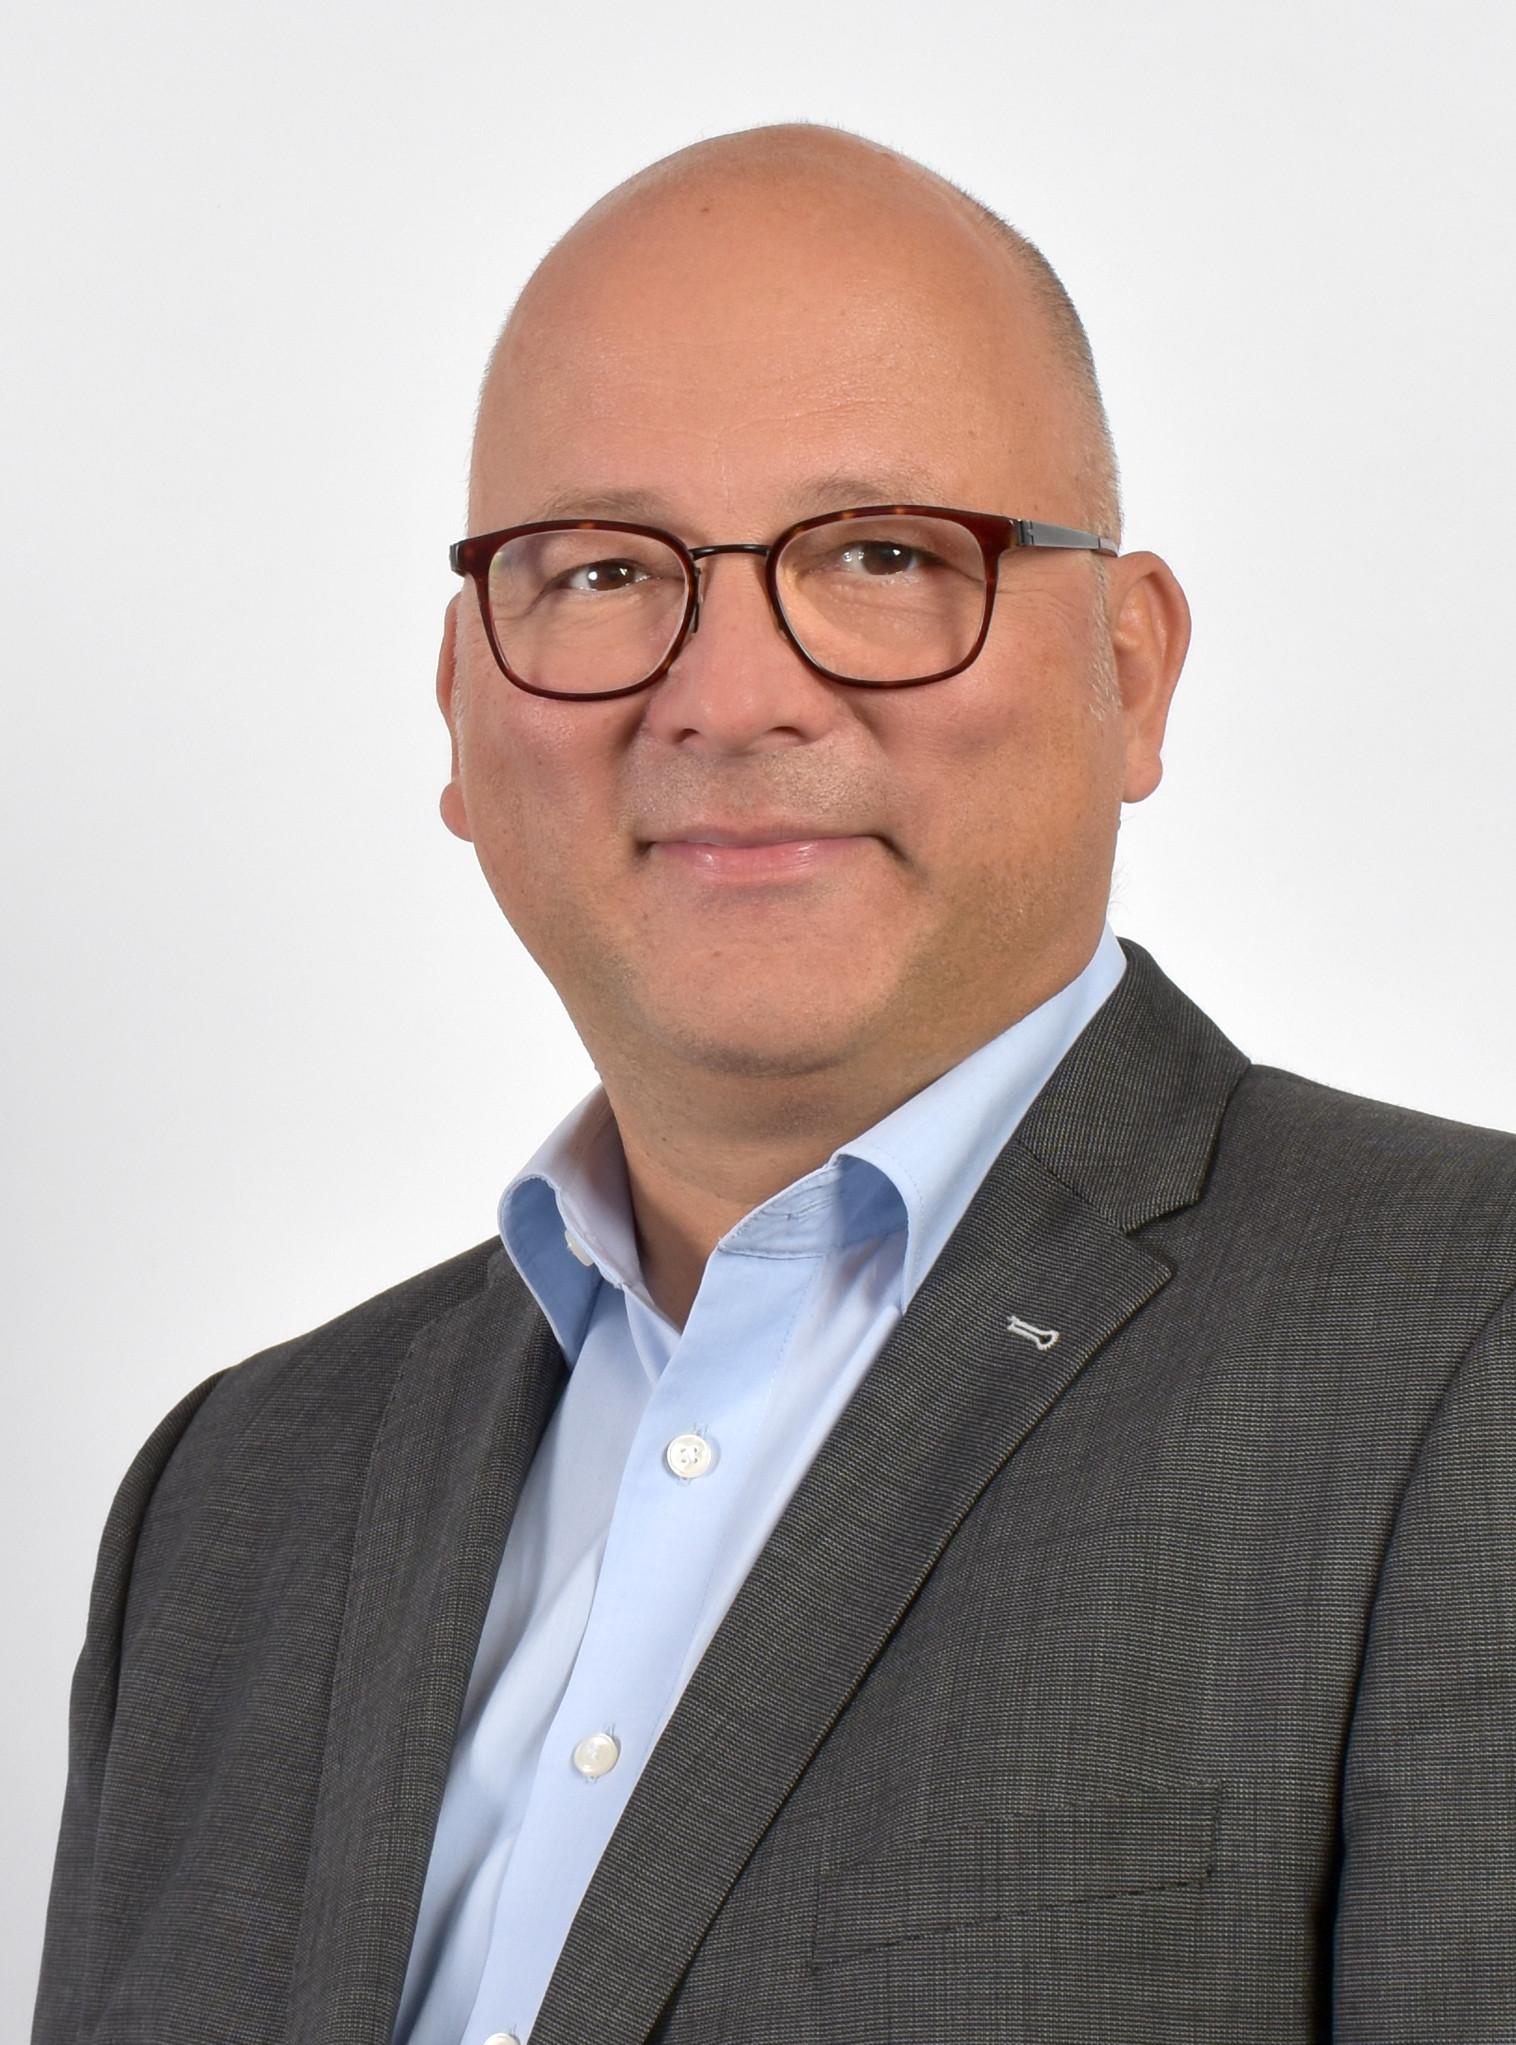 Jörg Wetjen